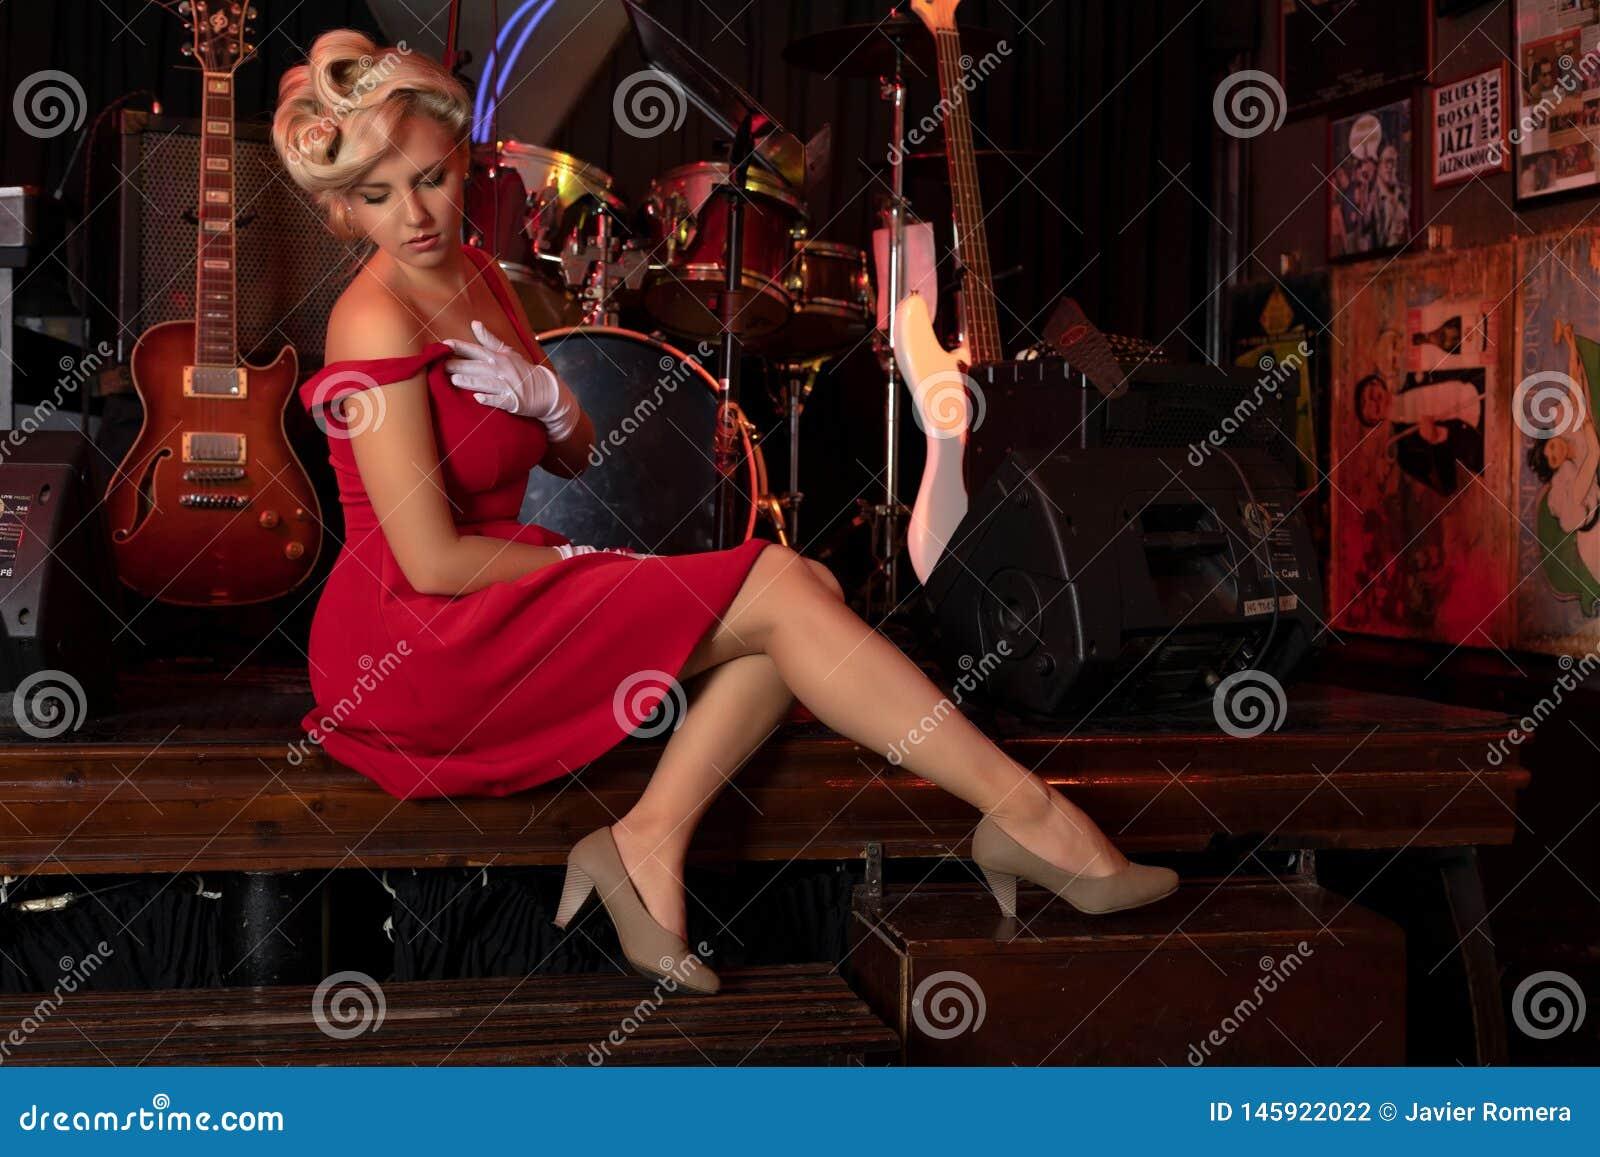 Sexy blondezitting op een stadium voor muzikale instrumenten